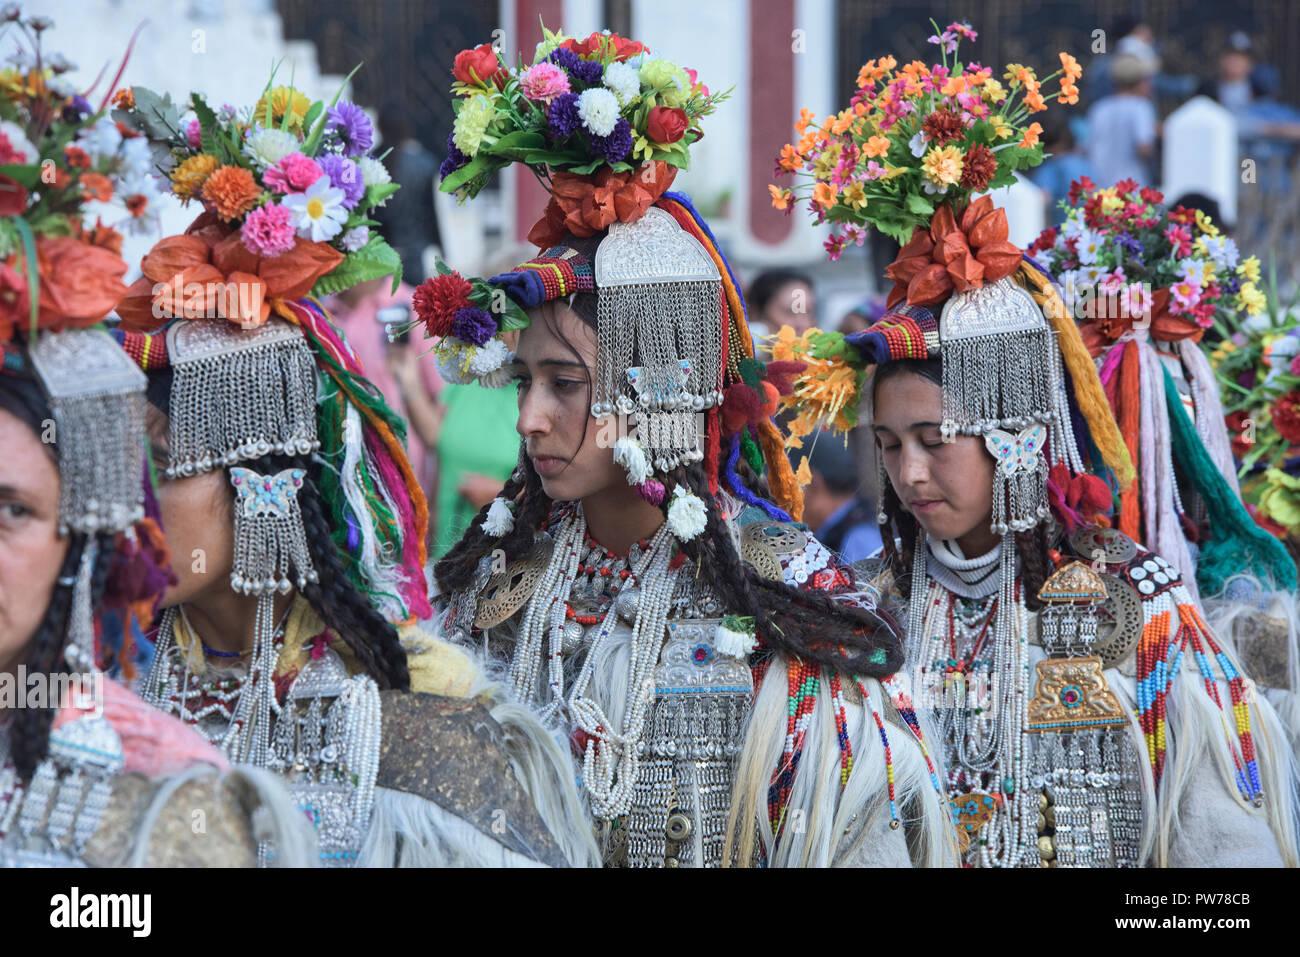 (Aria) Brogpa mujeres vestidas con el traje tradicional, Biama village, Ladakh, India Imagen De Stock